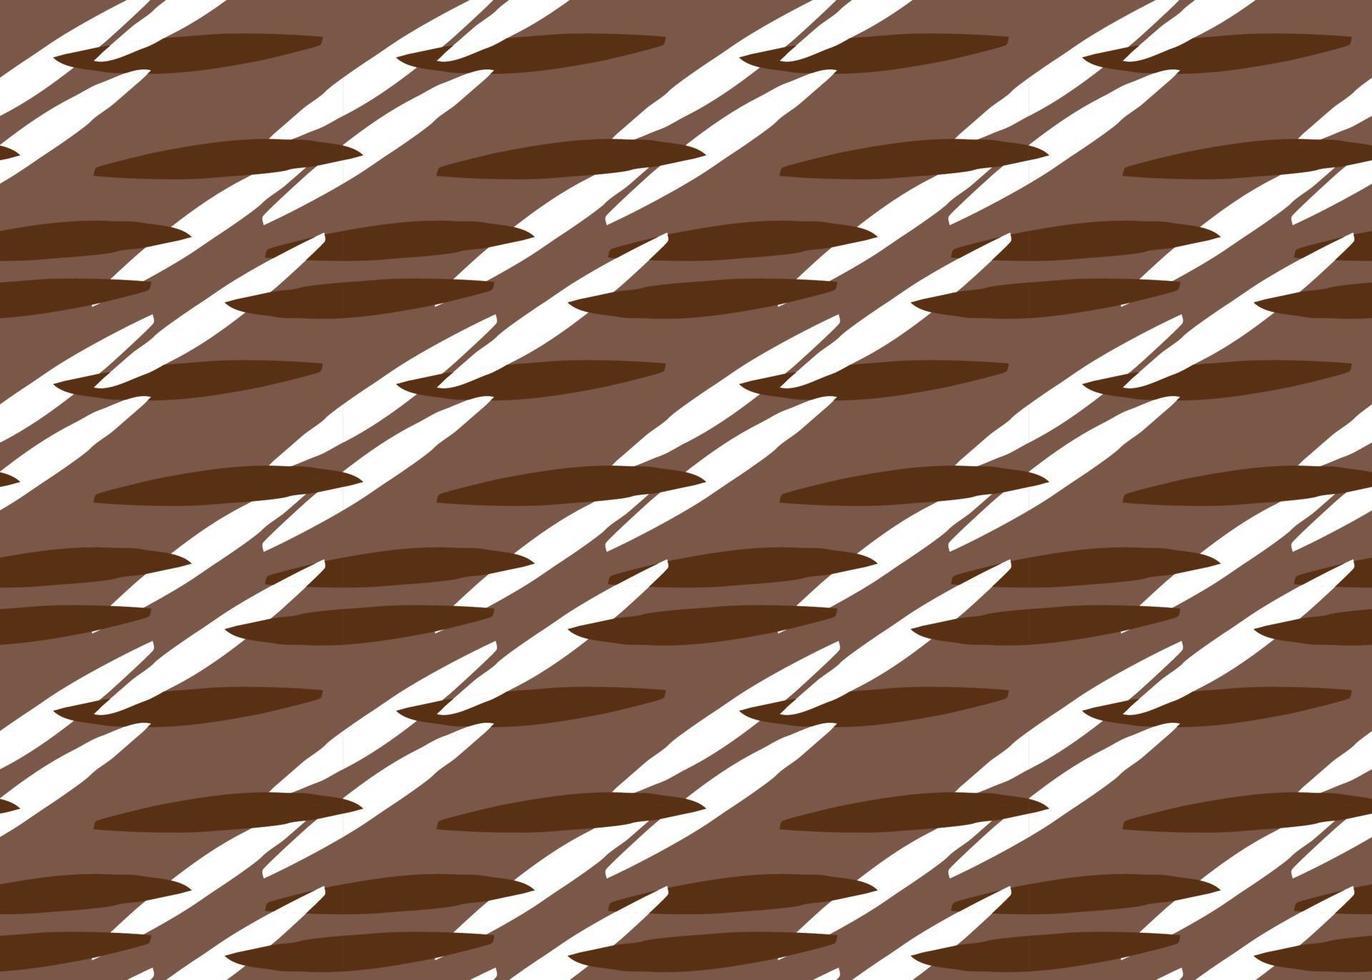 handritade, bruna, vita färglinjer sömlösa mönster vektor